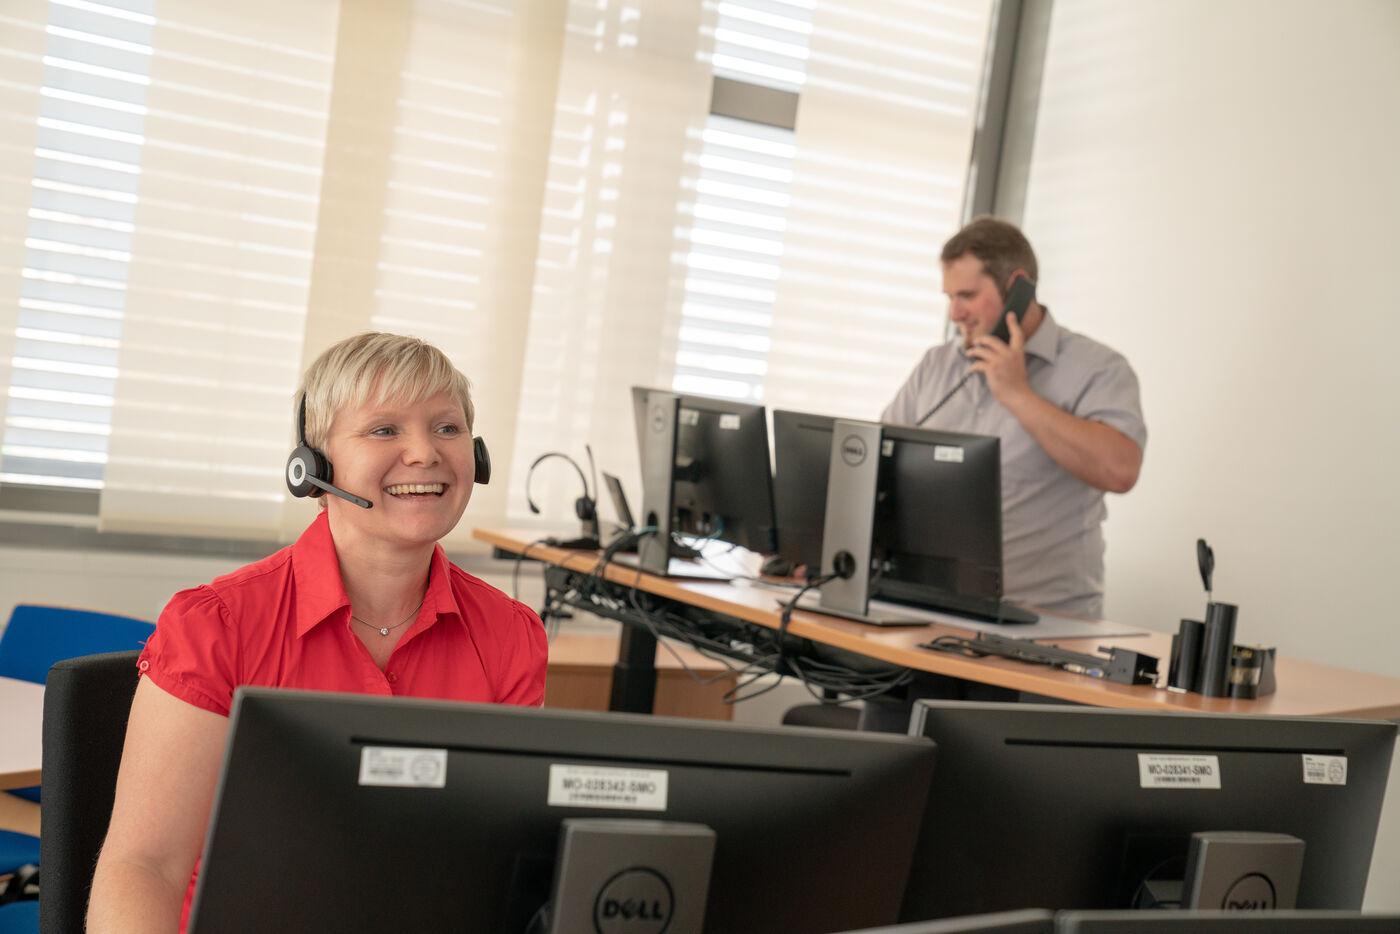 Mitarbeiter Arbeitsvorbereitung (m/w/d) für die Bearbeitung von Neuanlagen - Job Münster - smartOPTIMO: Stellenangebote